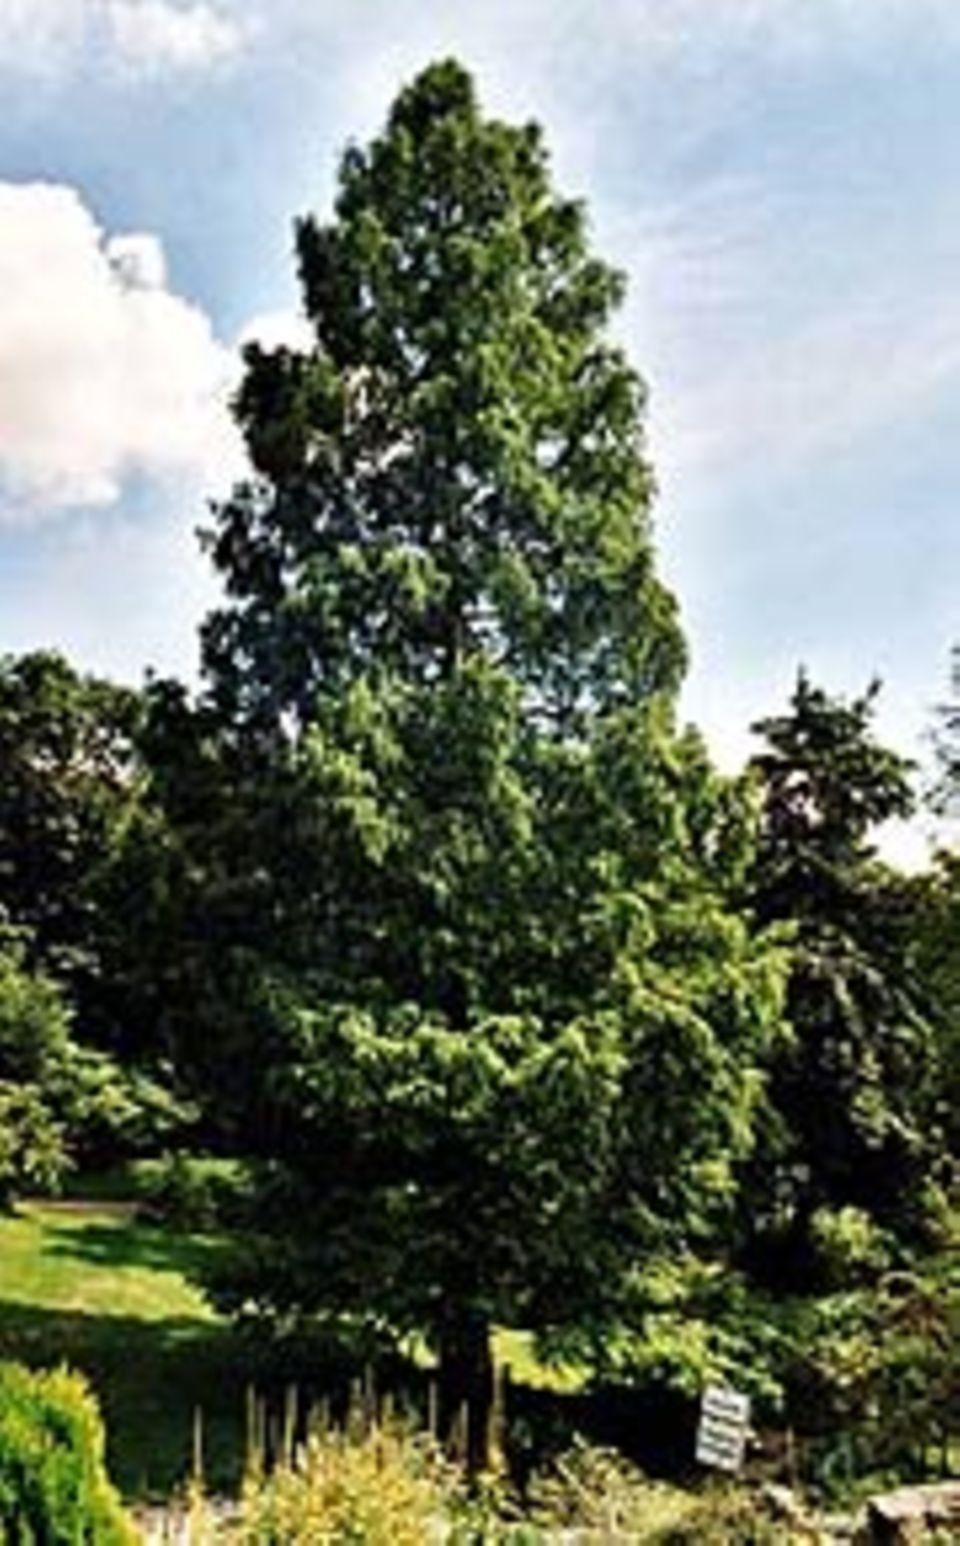 Pflanzen: Mammutbaum in Frankfurt